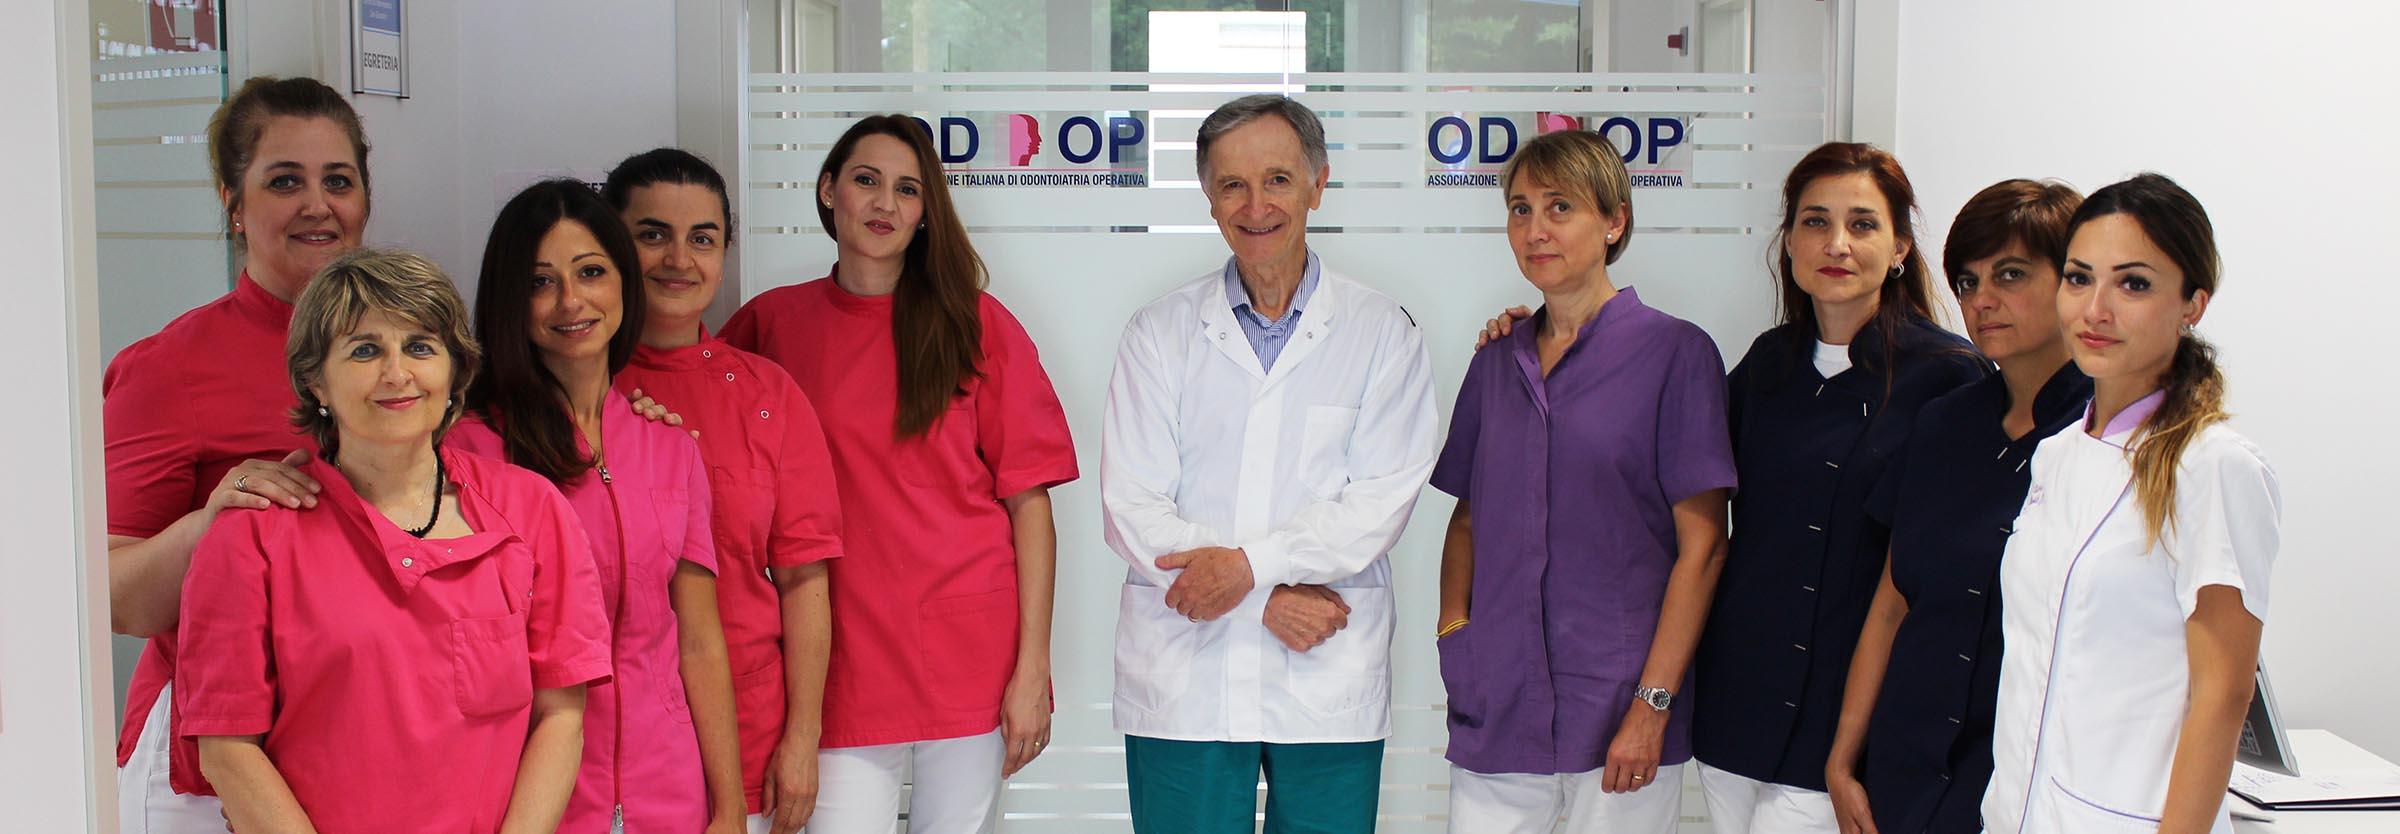 Miglior Dentista Bologna Emilia Romagna